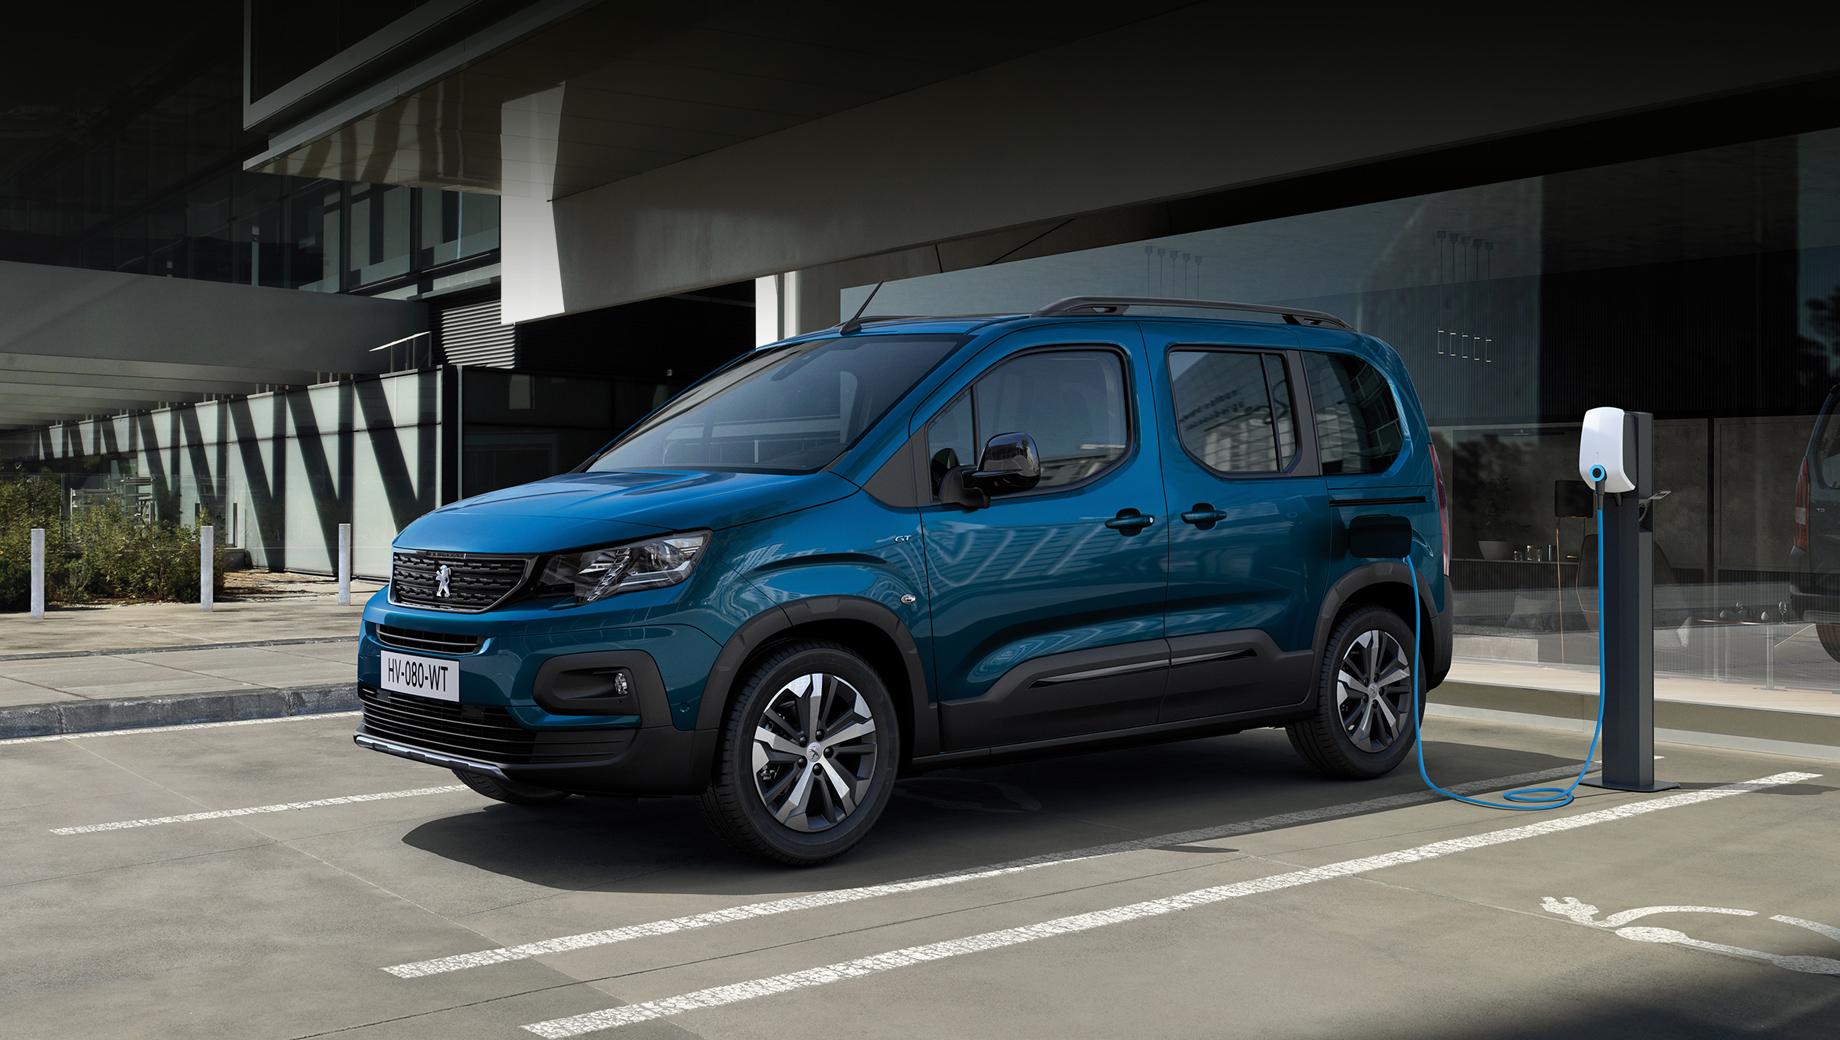 Peugeot rifter,Peugeot e-rifter. Аккумулятор можно наполнять от обычной сети переменного тока (при восьми или 16 амперах), от настенного бокса с однофазной розеткой (до 7,4 кВт) или трёхфазной (опция, 11 кВт). Есть также возможность зарядки постоянным током при мощности до 100 кВт. В последнем случае за 30 минут можно получить 80% заряда.